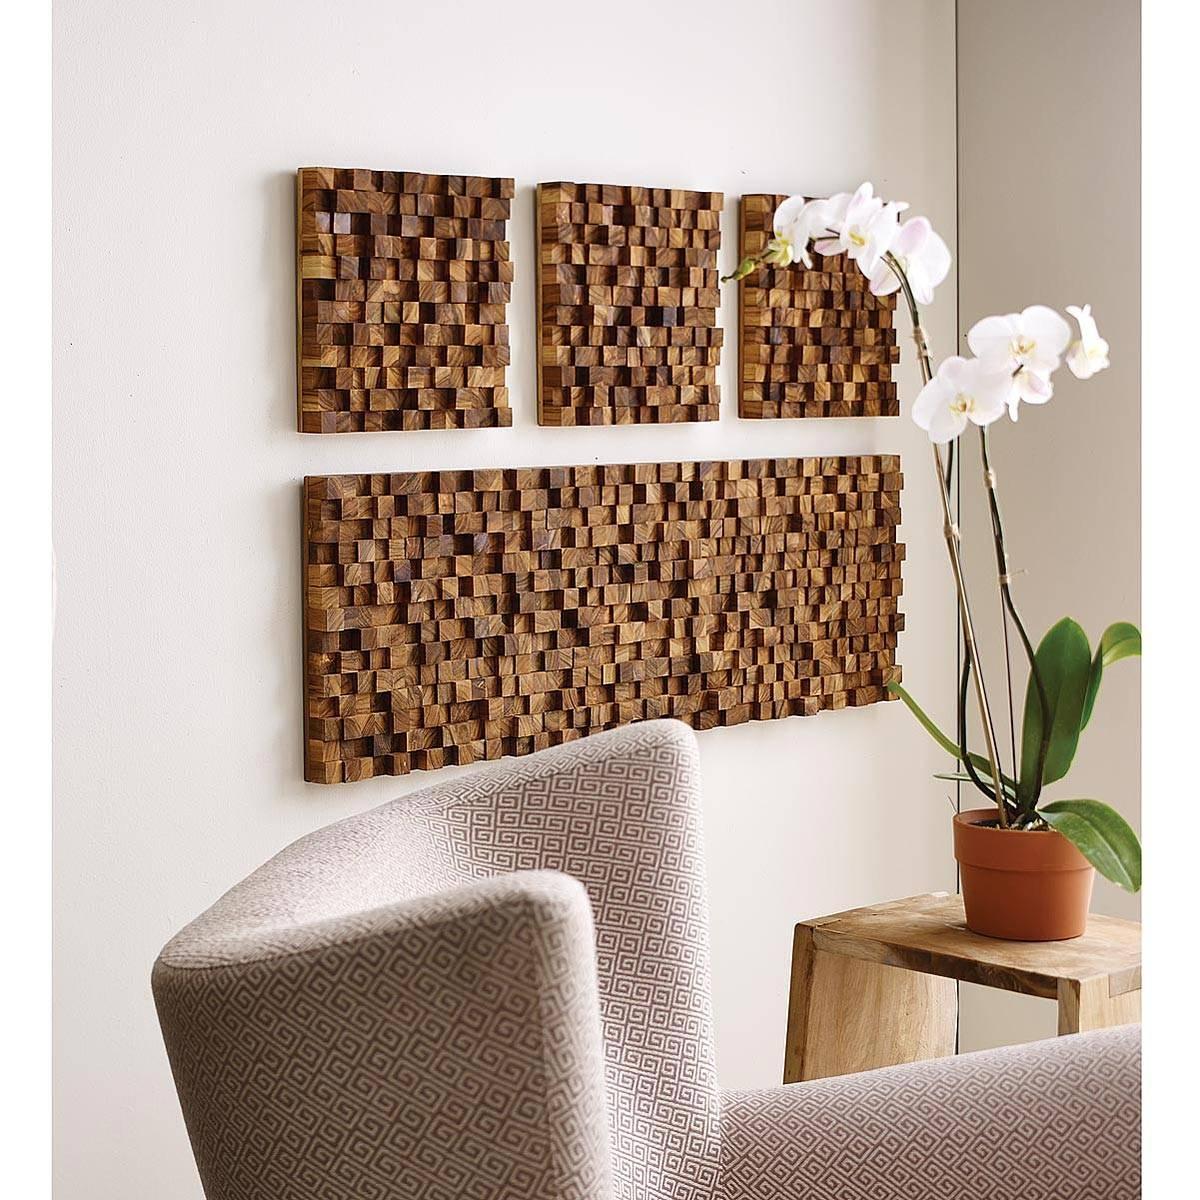 Rectangle Takara Wall Art | Teak Wood, 3d Art | Uncommongoods Inside Most Popular Wood 3d Wall Art (View 3 of 20)